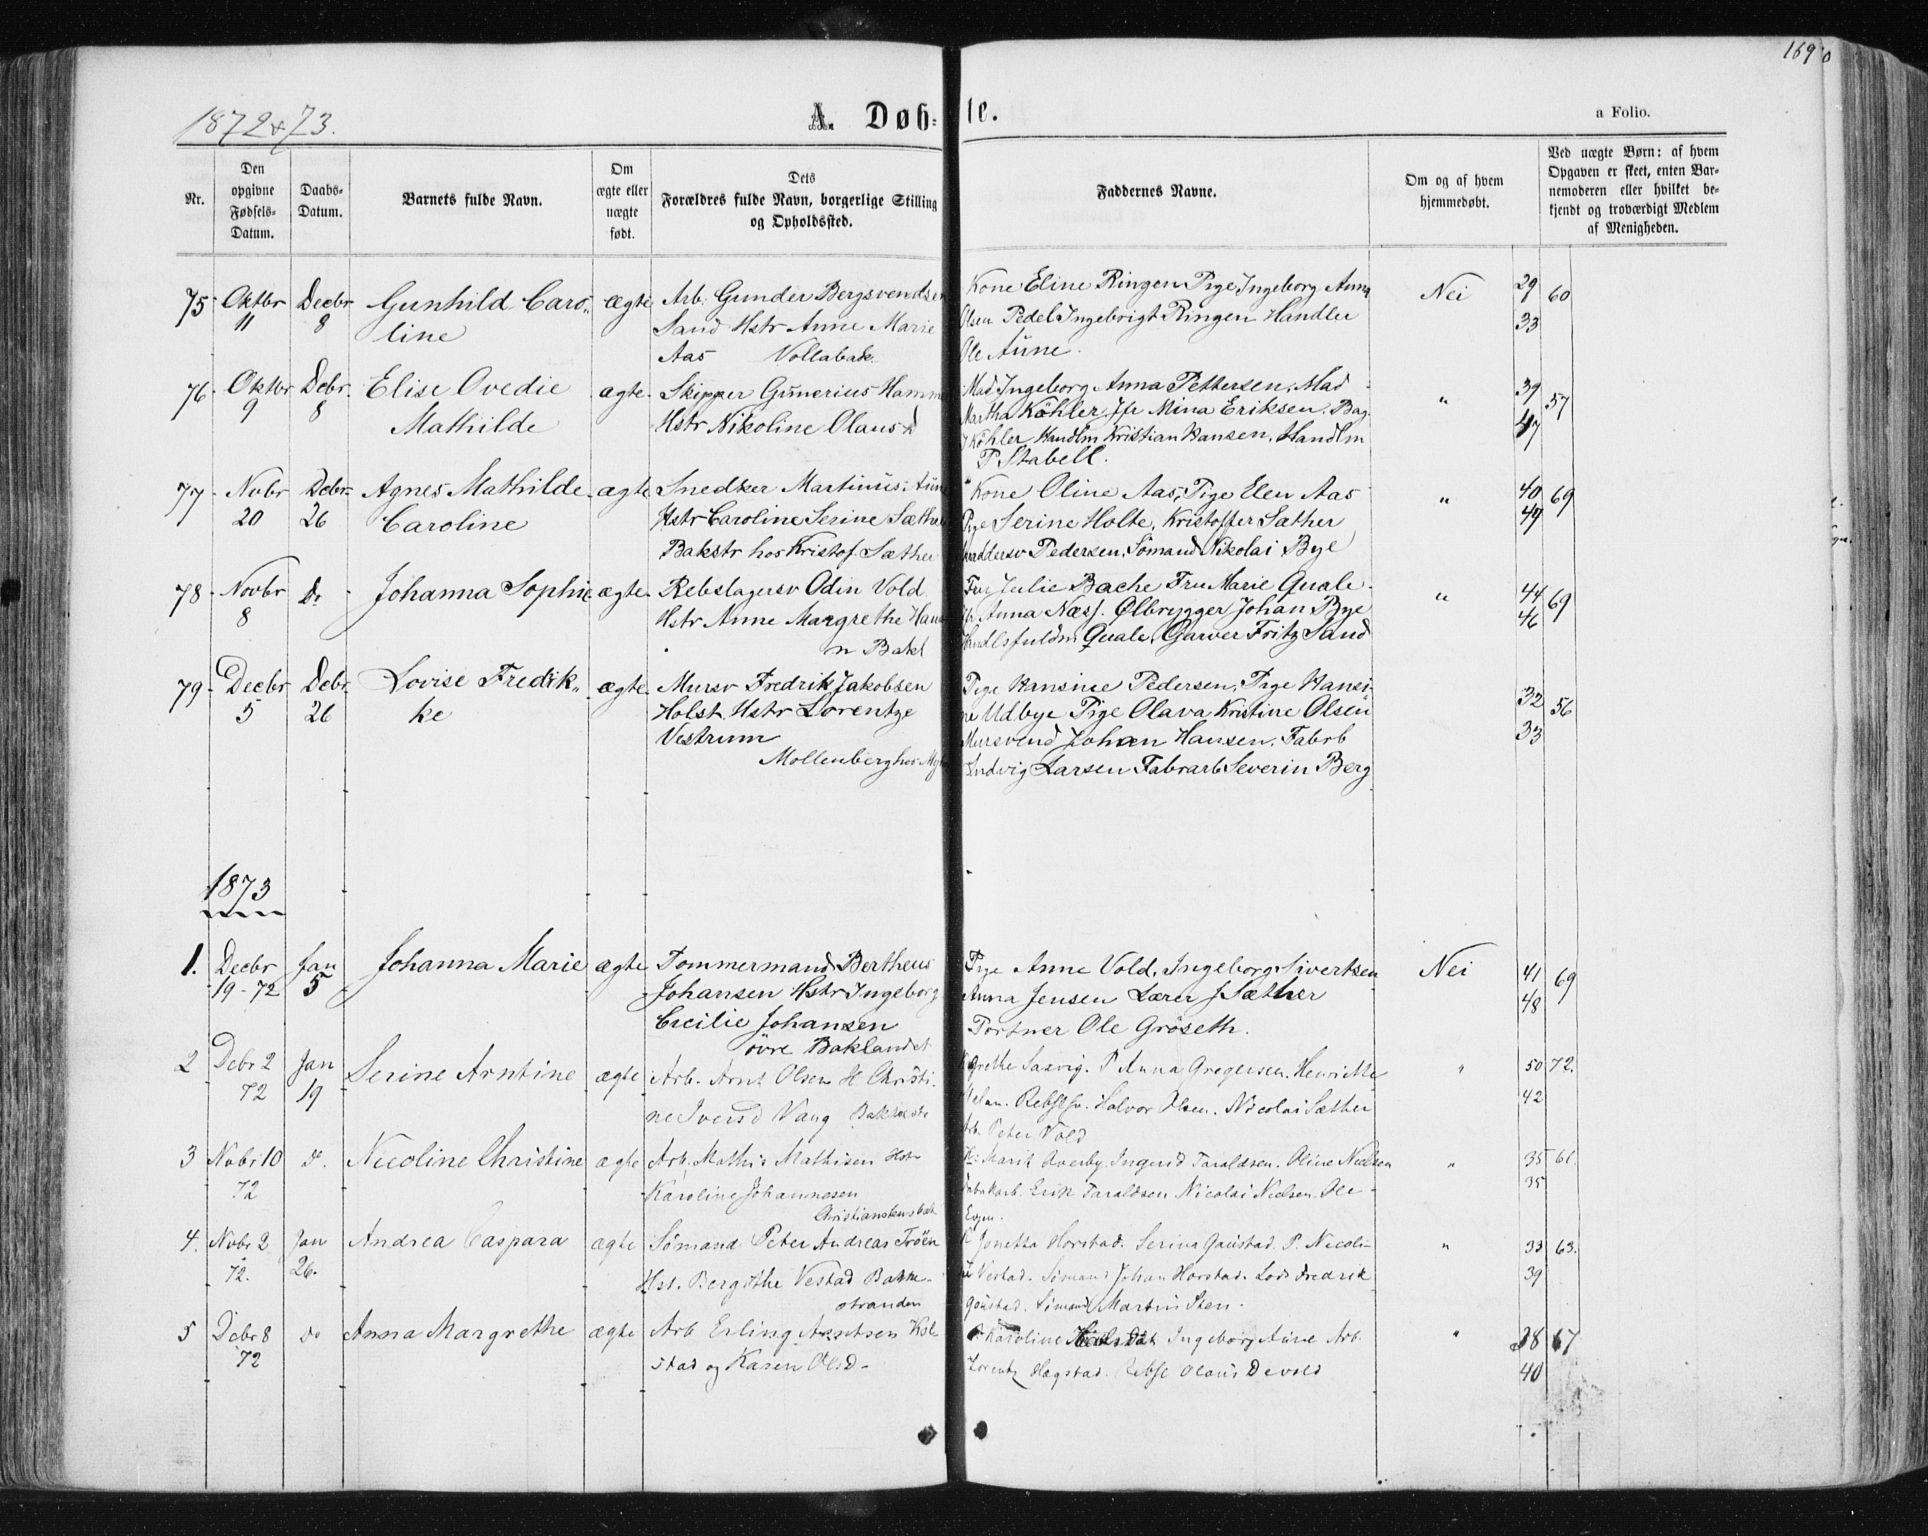 SAT, Ministerialprotokoller, klokkerbøker og fødselsregistre - Sør-Trøndelag, 604/L0186: Ministerialbok nr. 604A07, 1866-1877, s. 169